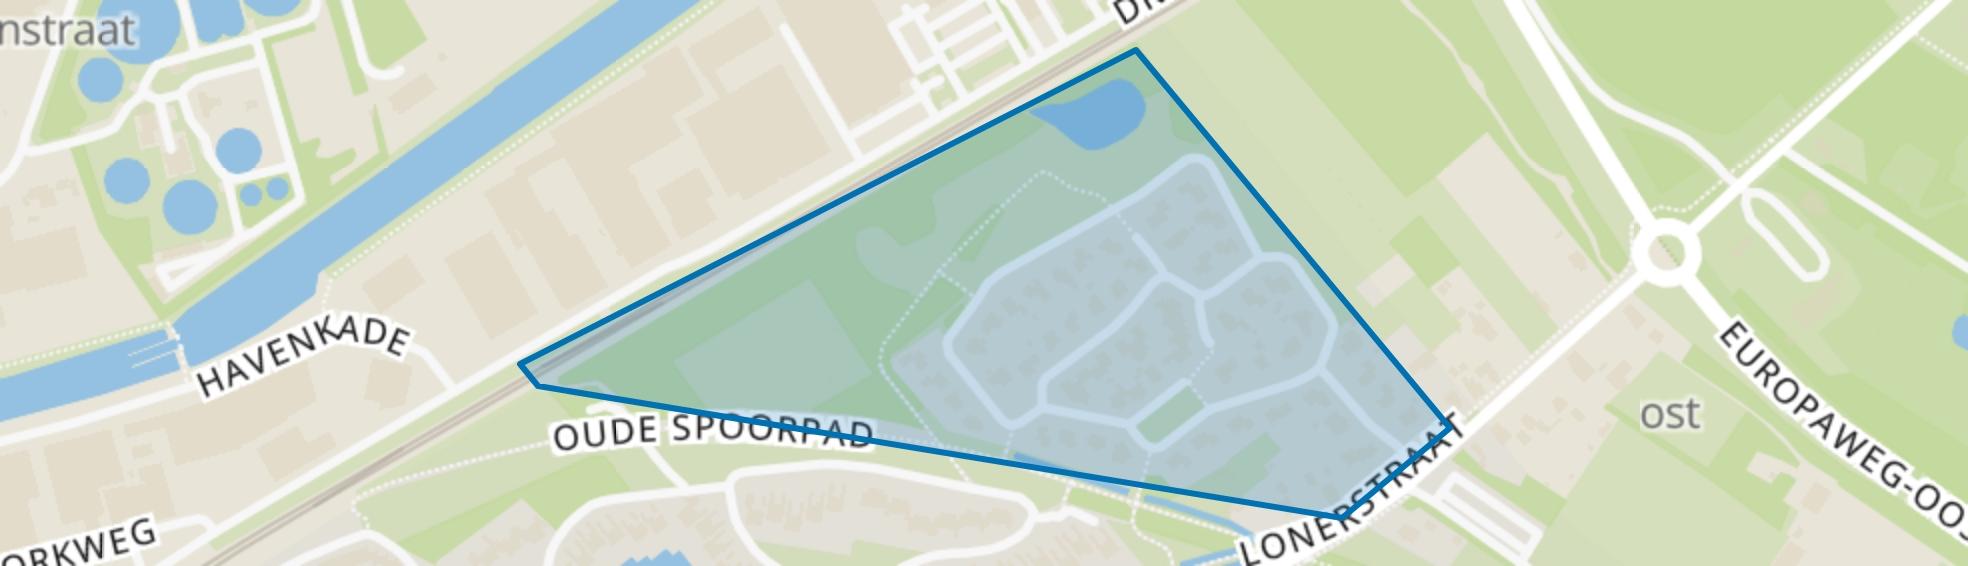 Vreebergen, Assen map